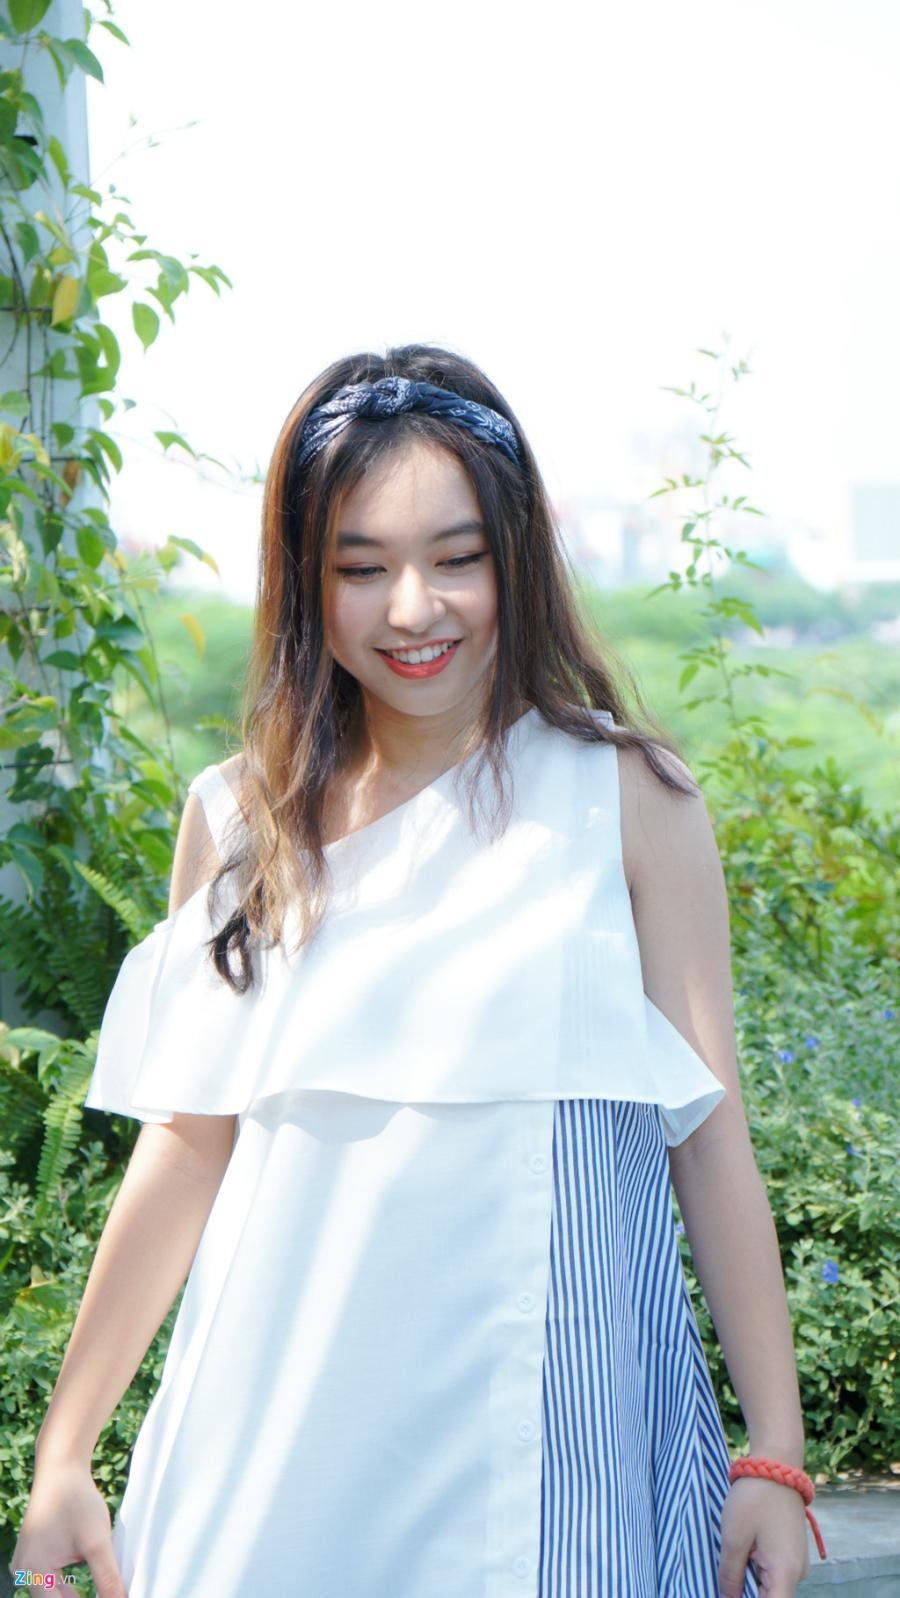 9X xinh dep dong MV cung My Tam, gioi 2 ngoai ngu, rat thich choi game hinh anh 14